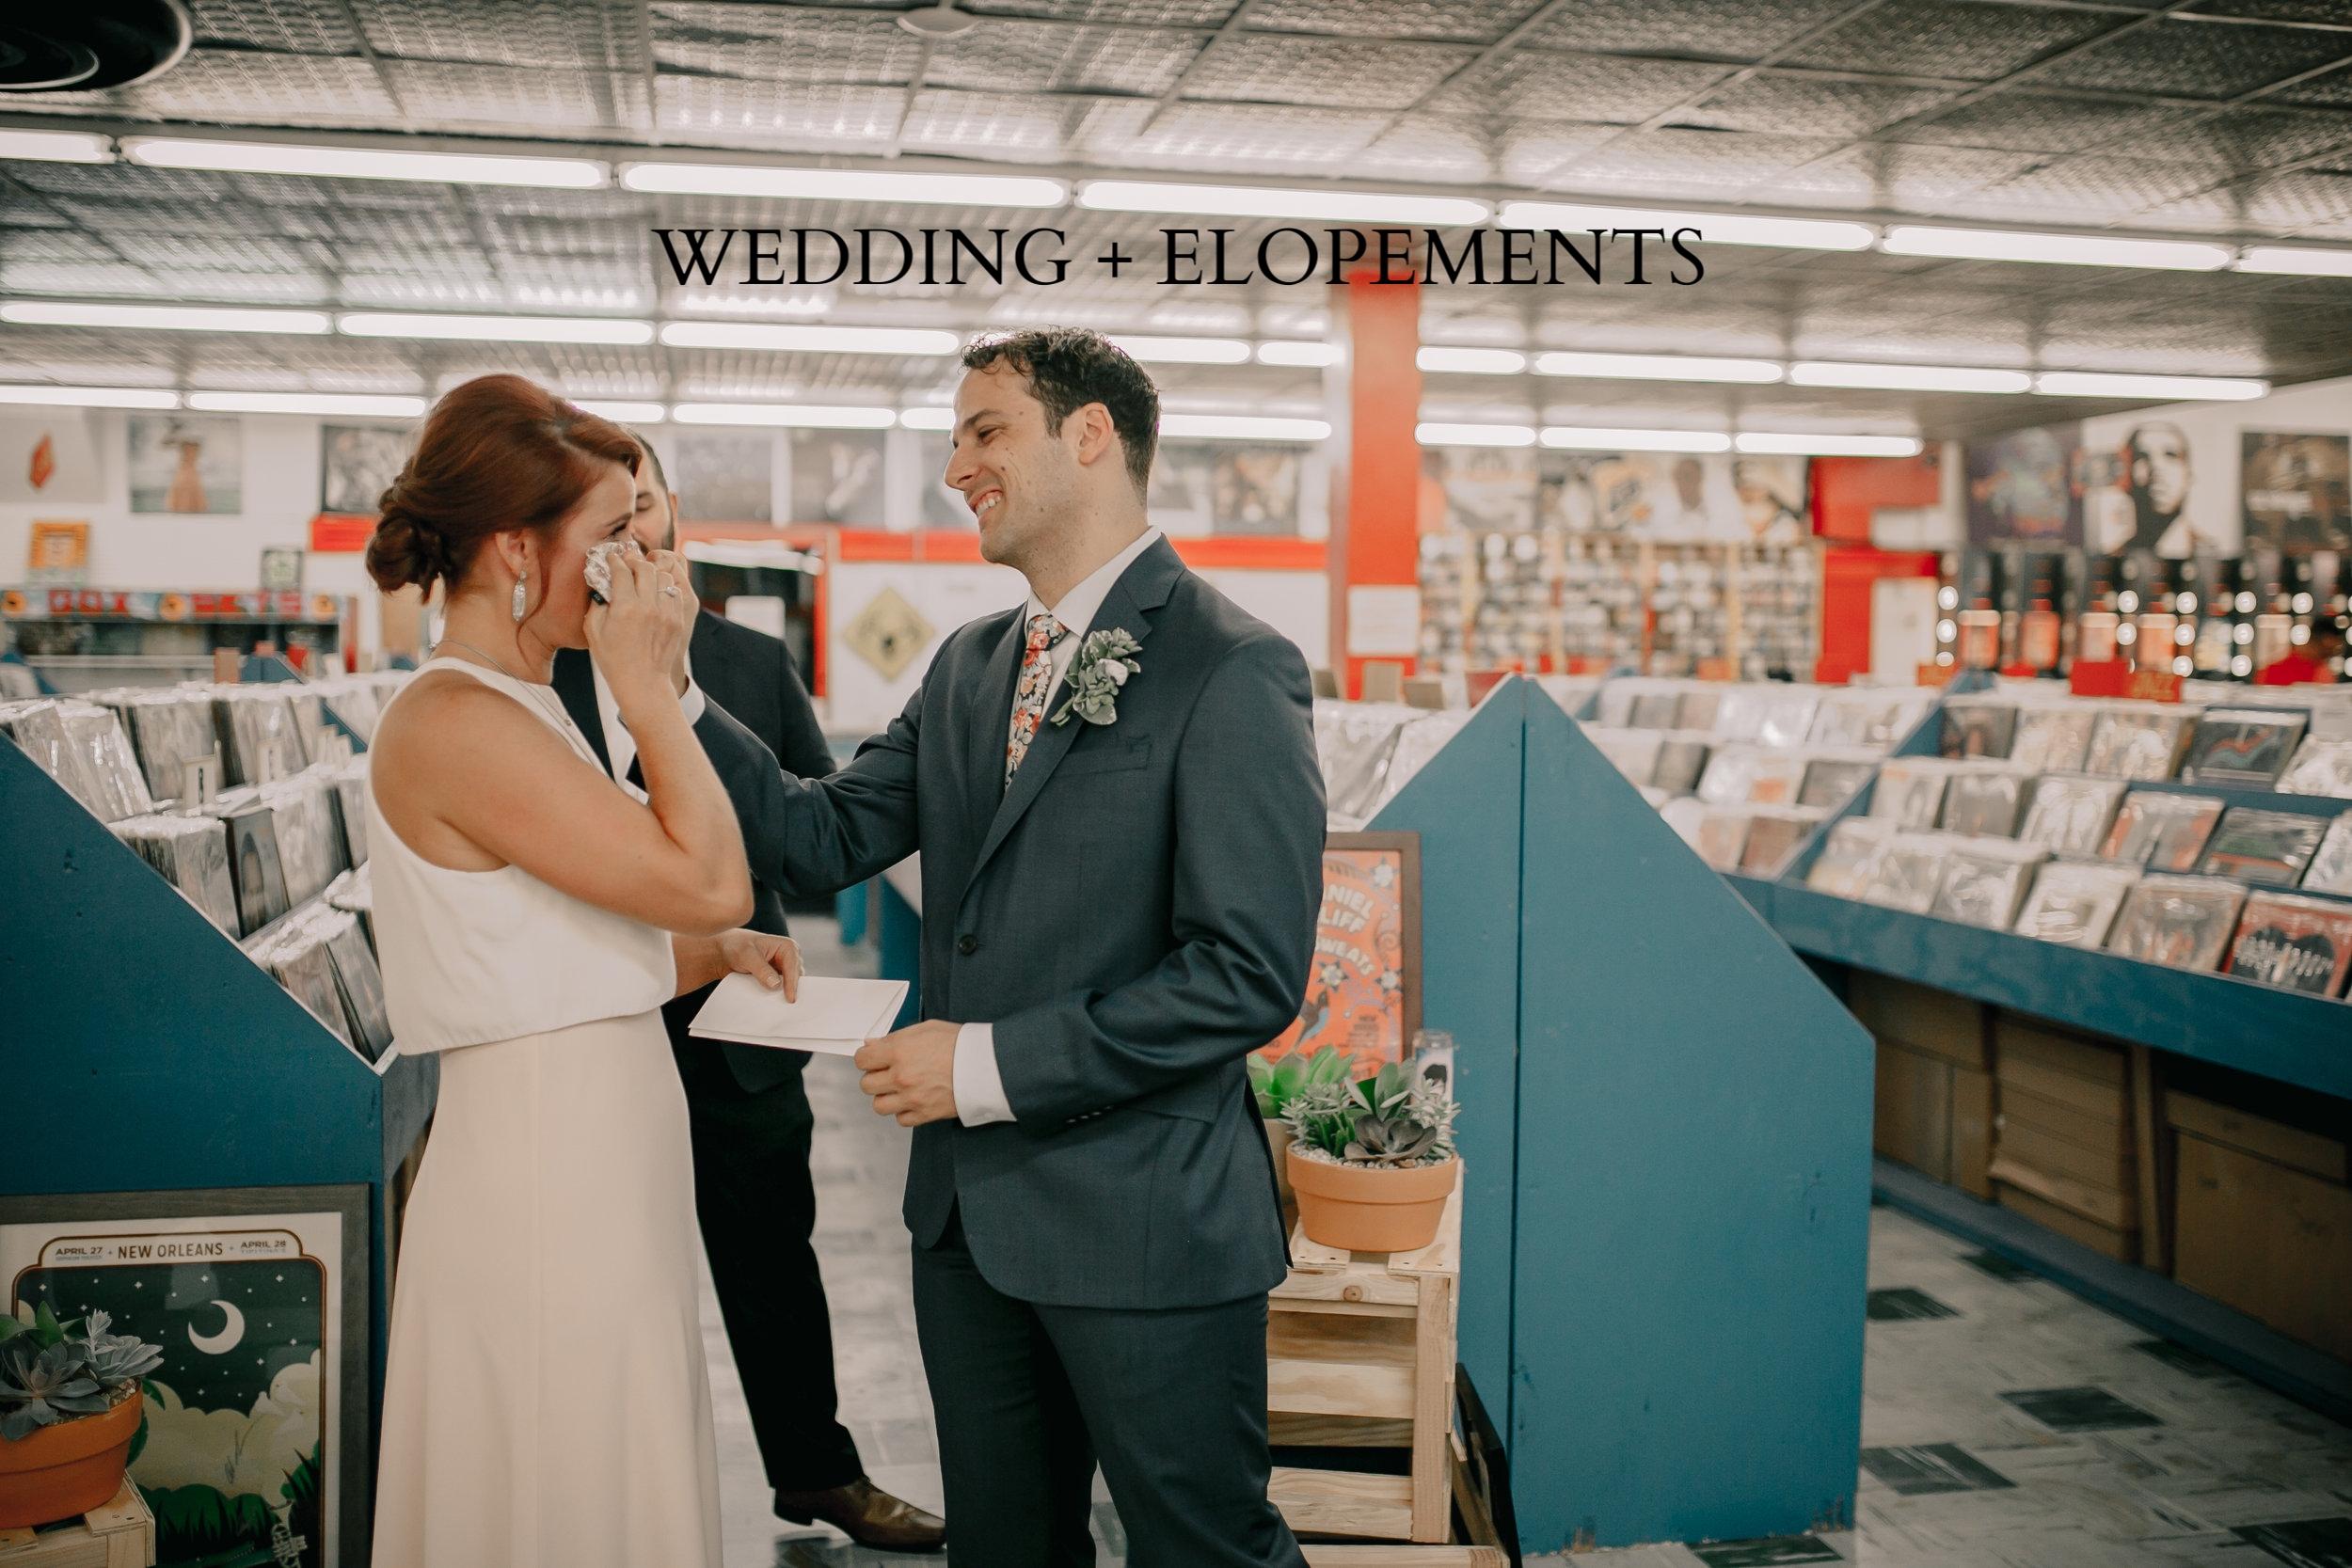 WEDDING + ELOPEMENT -